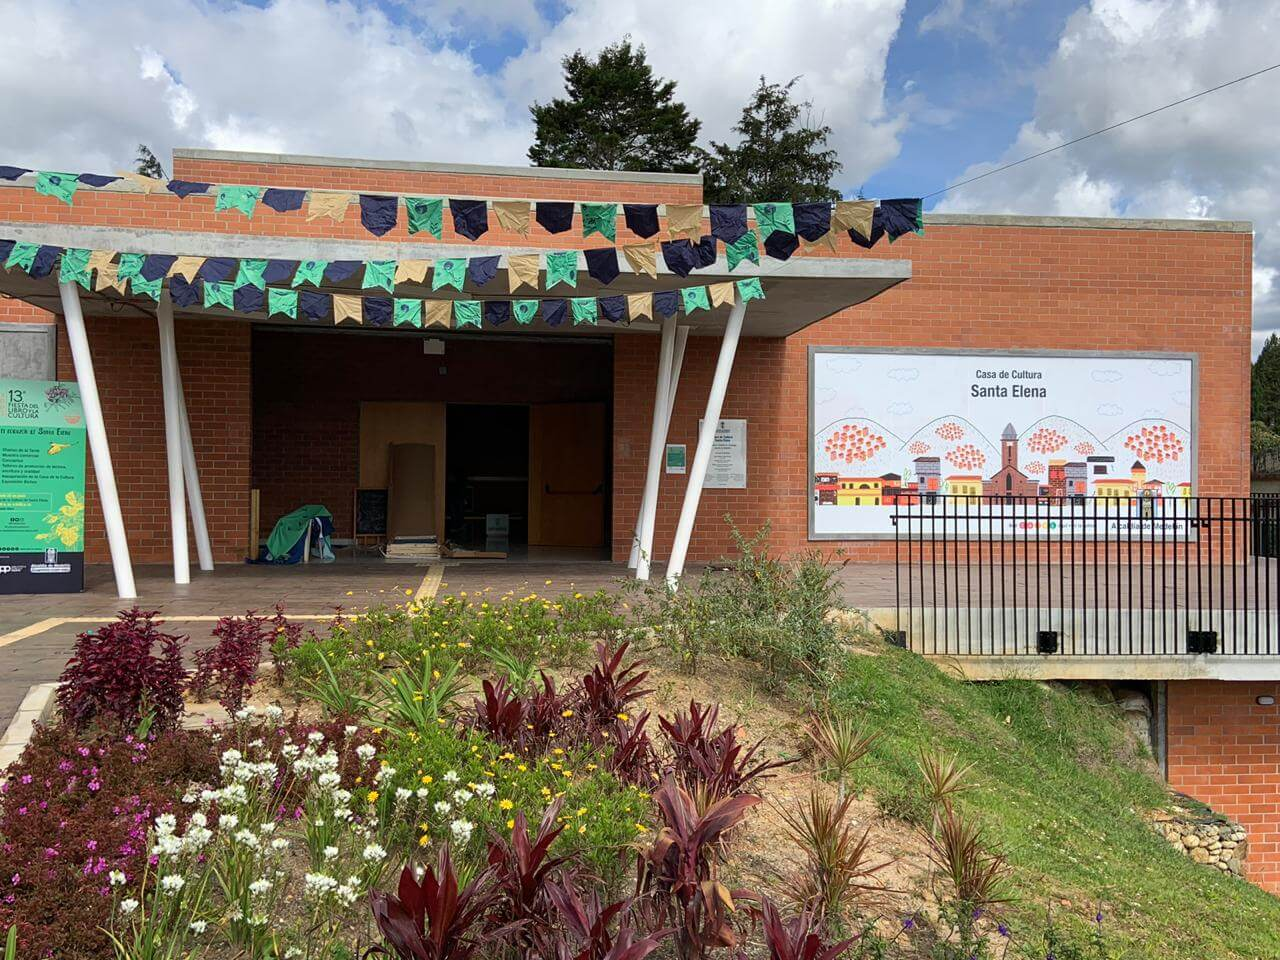 El 22 de junio, Santa Elena respirará libros, cultura y expediciones